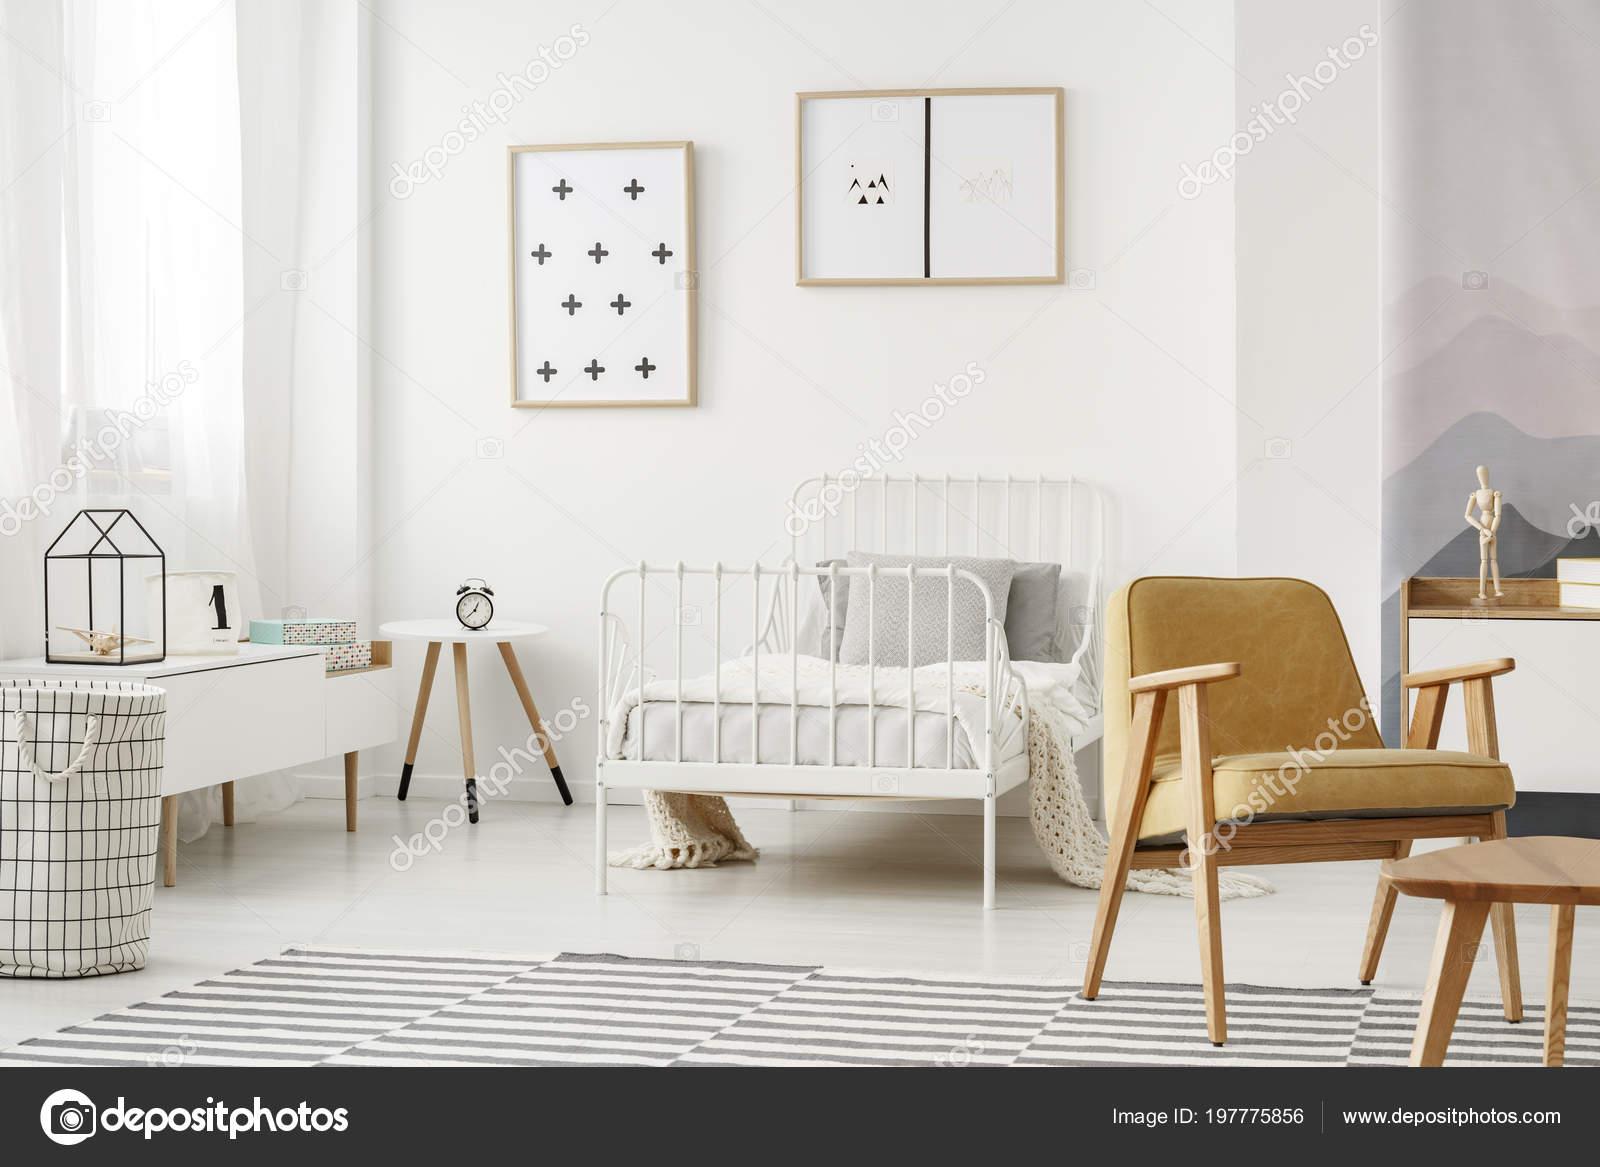 Posters Minimalistas Enmarcados Una Pared Blanca Interior Dormitorio ...